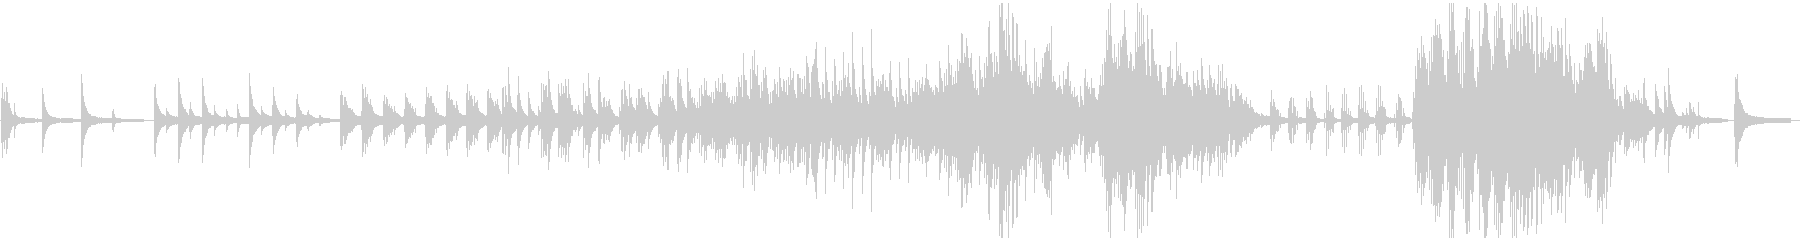 ピアノソロ:サビ2分41秒:癒しの未再生の波形